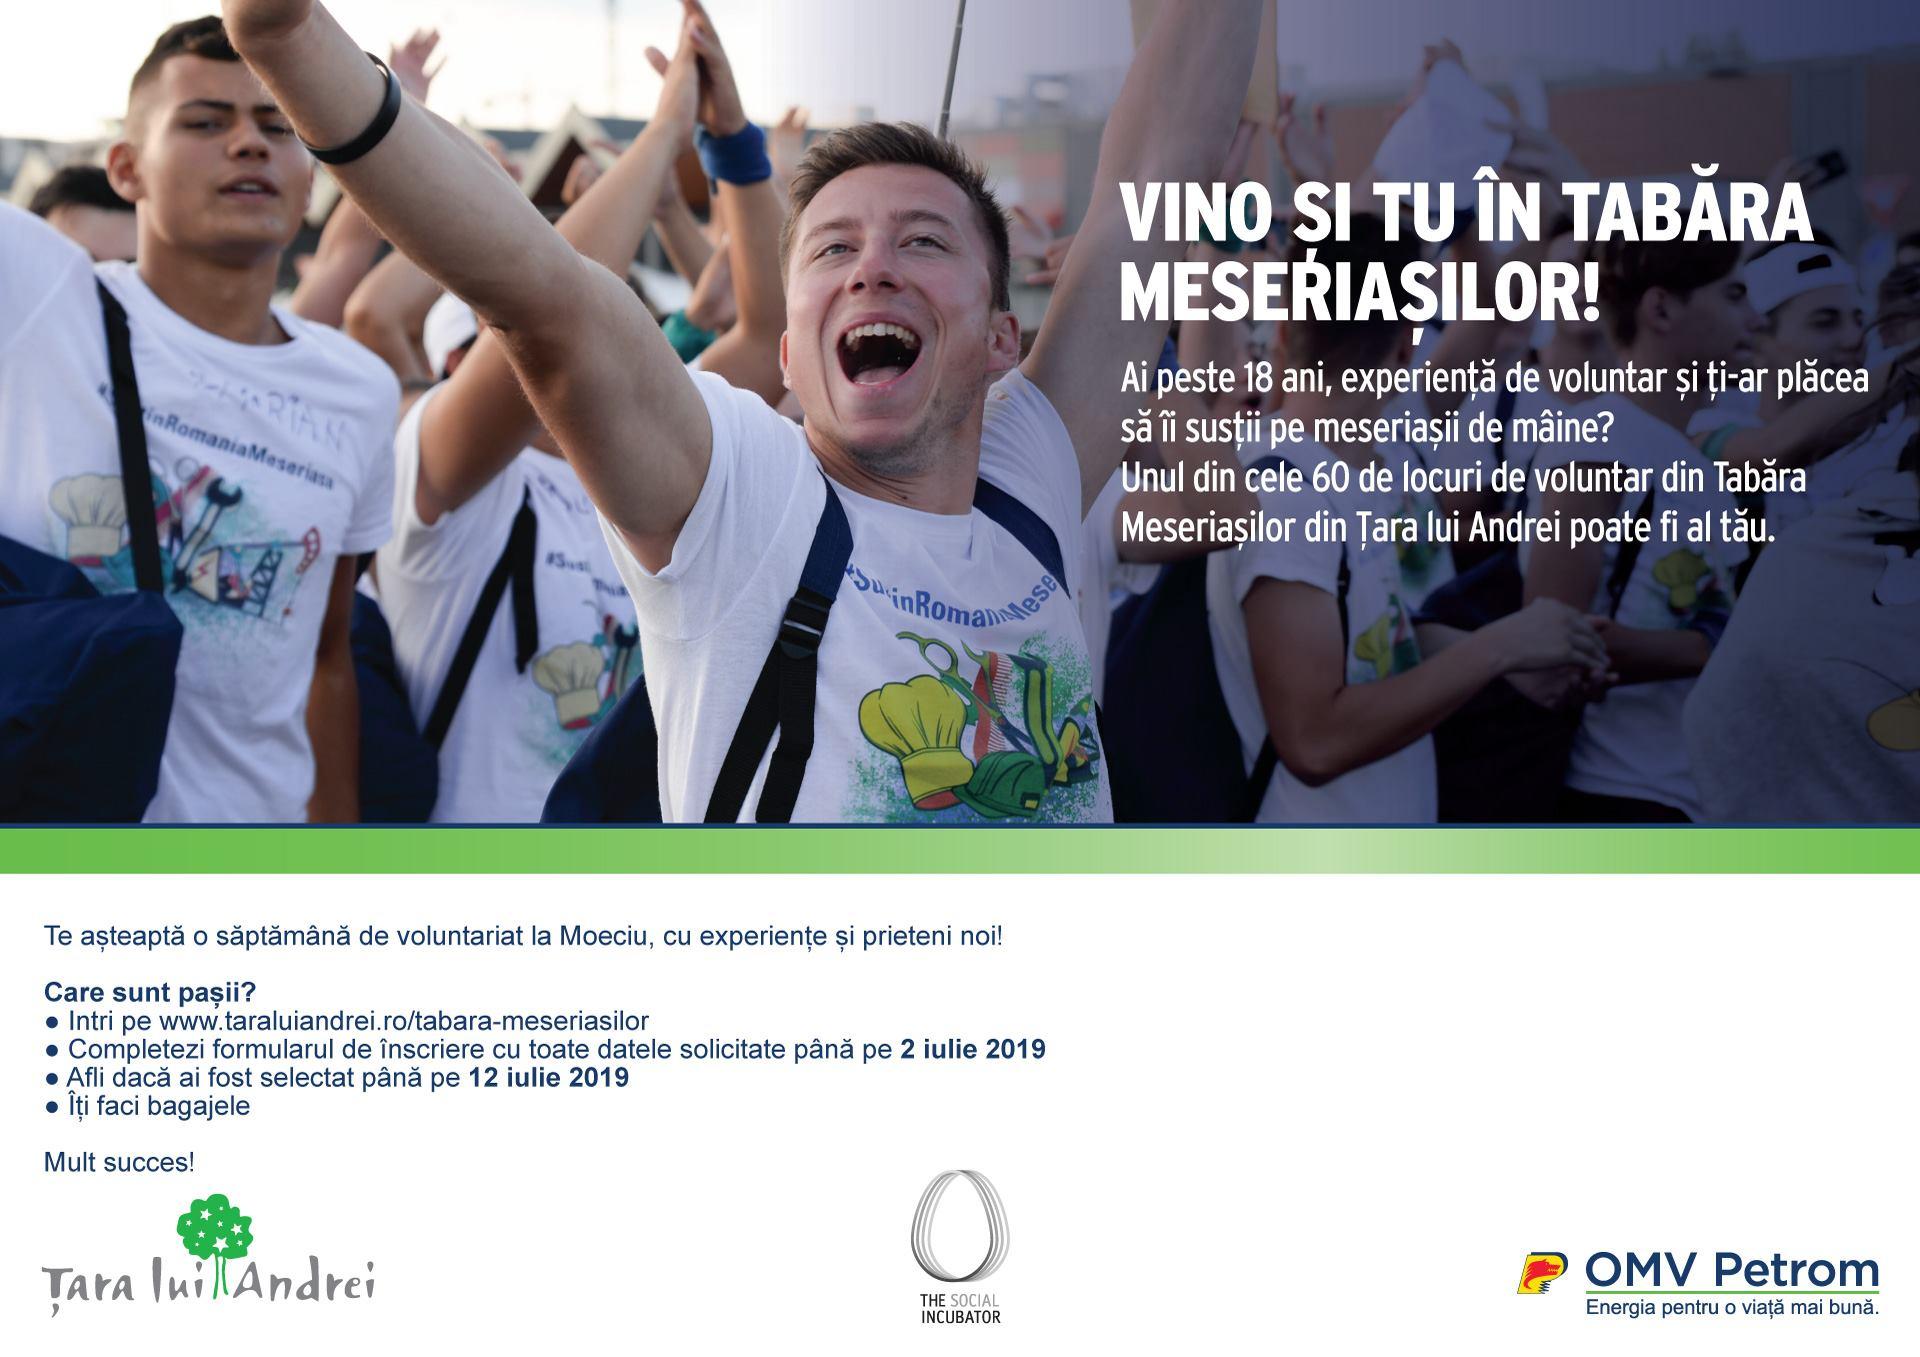 60 de locuri disponibile pentru voluntari în Tabăra Meseriașilor din Țara lui Andrei